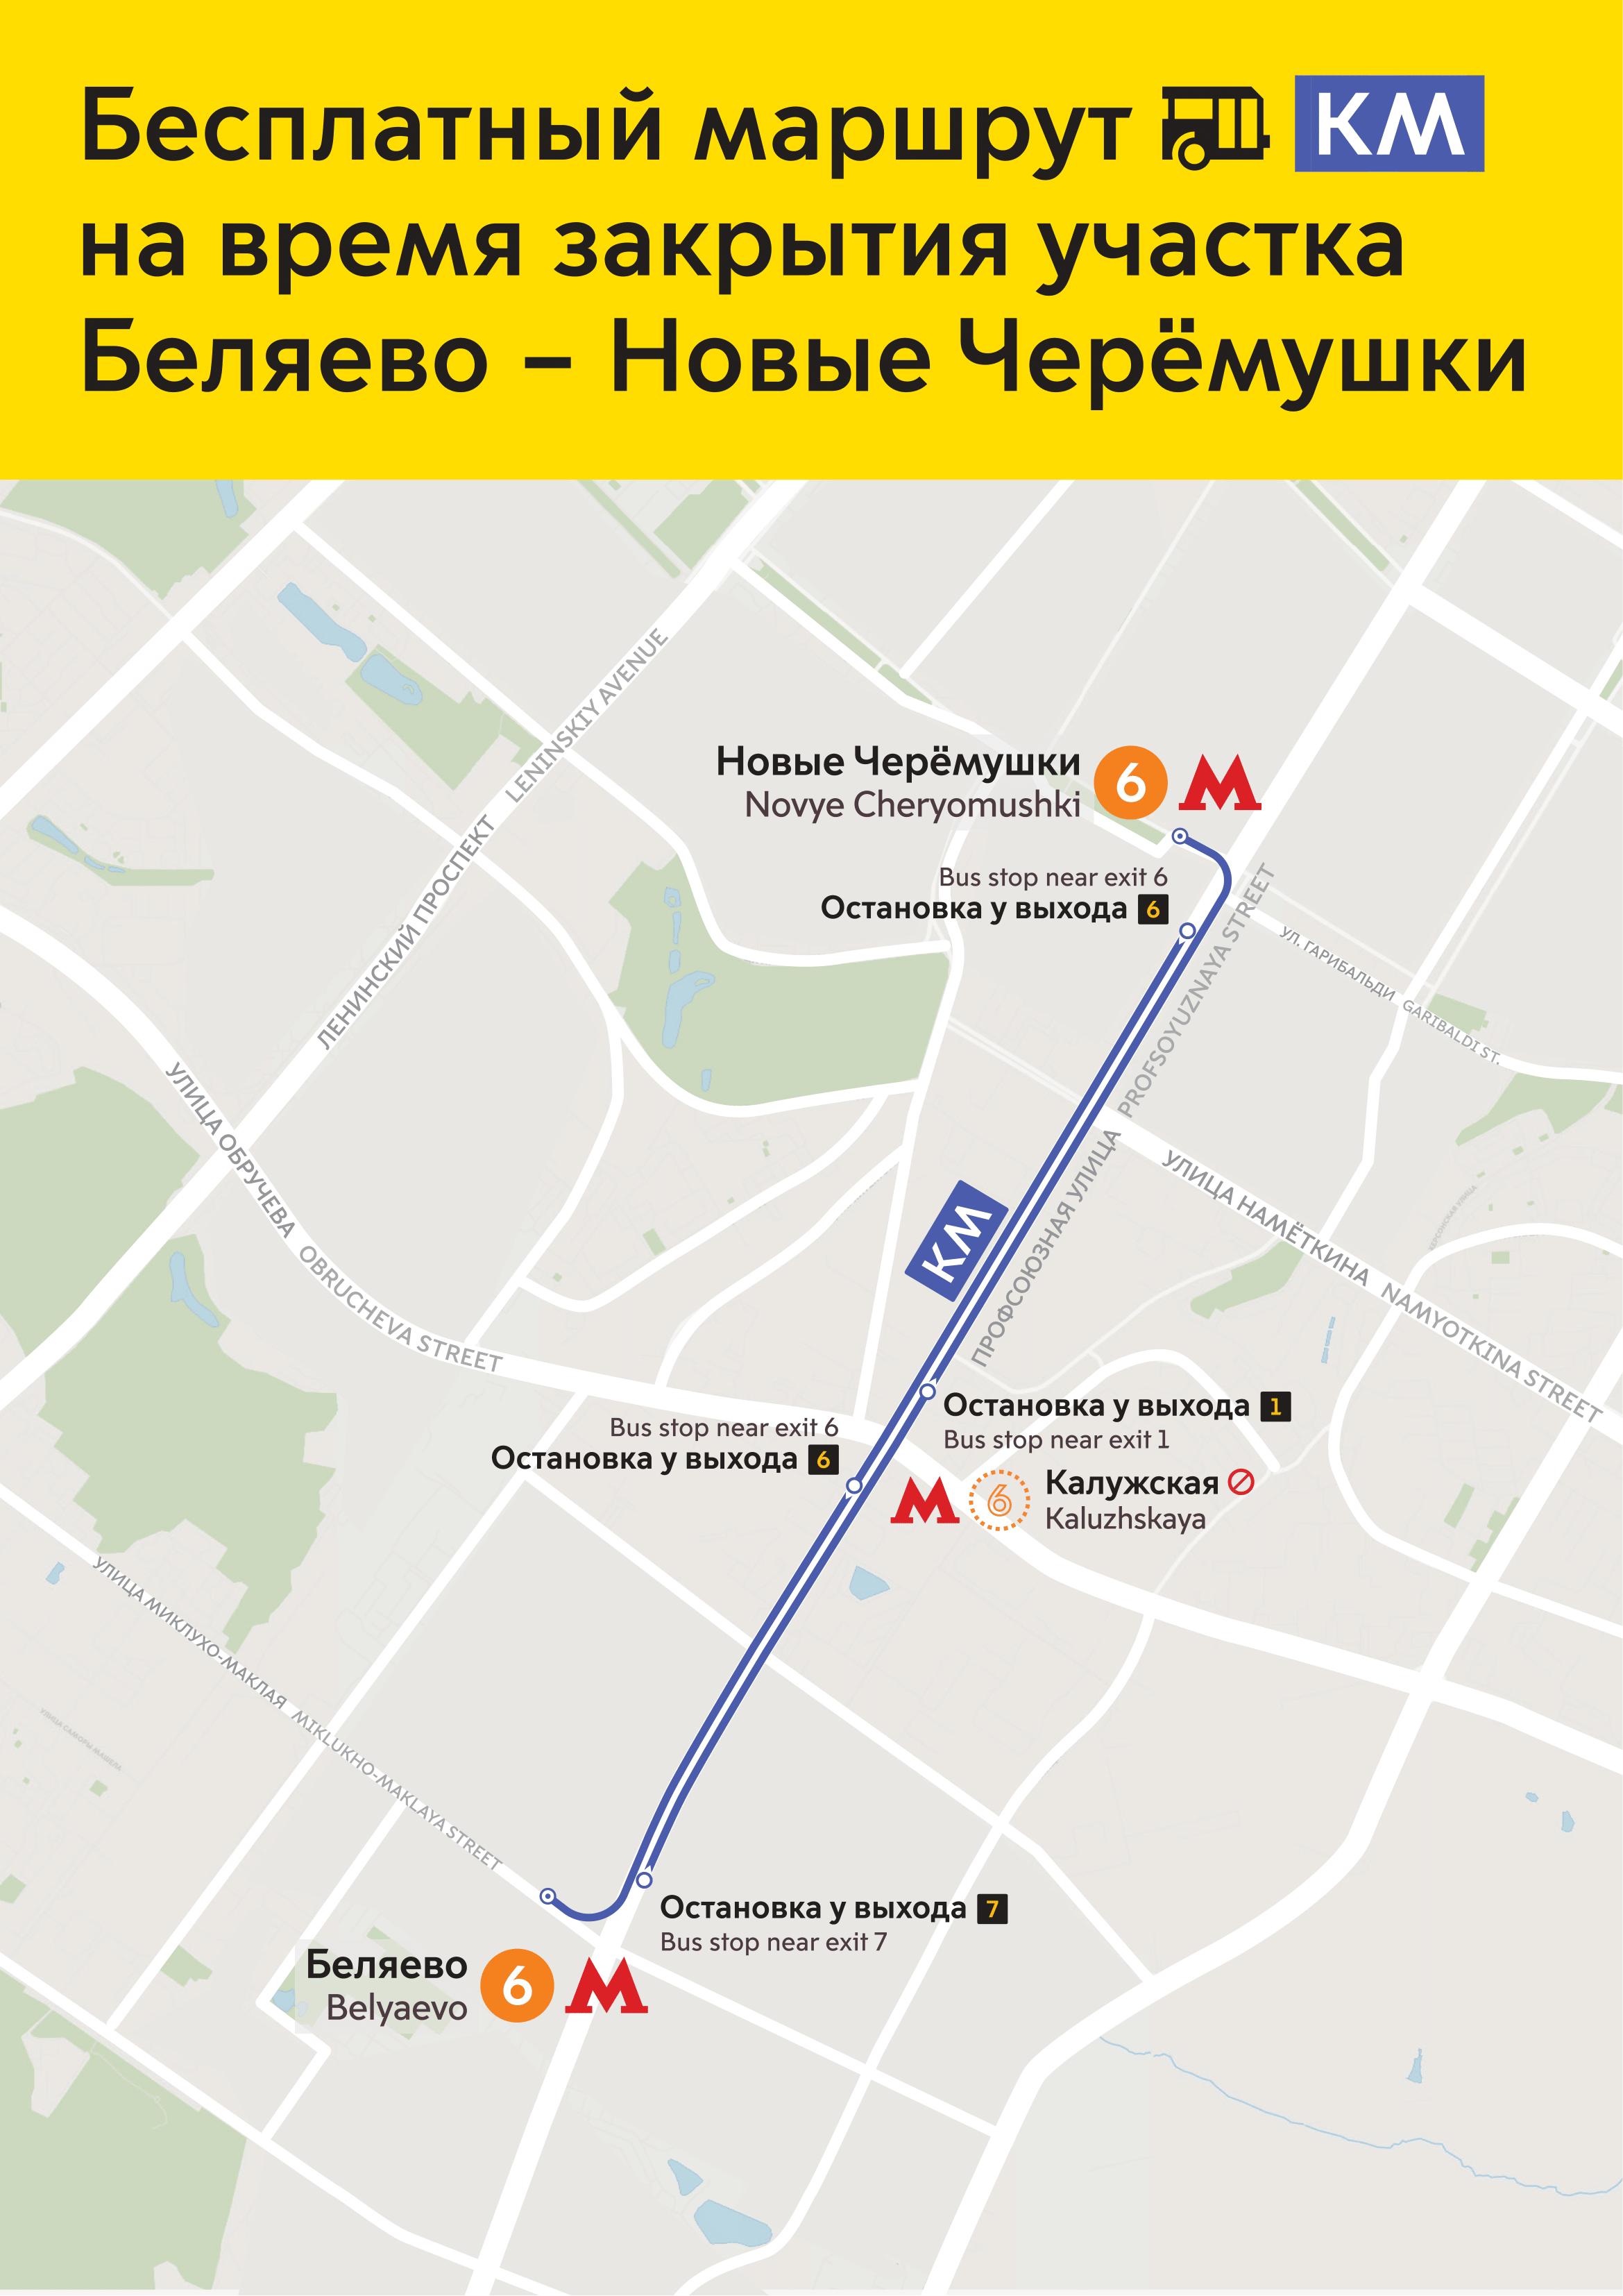 Бесплатные автобусы выйдут на маршрут на время закрытия участка оранжевой ветки